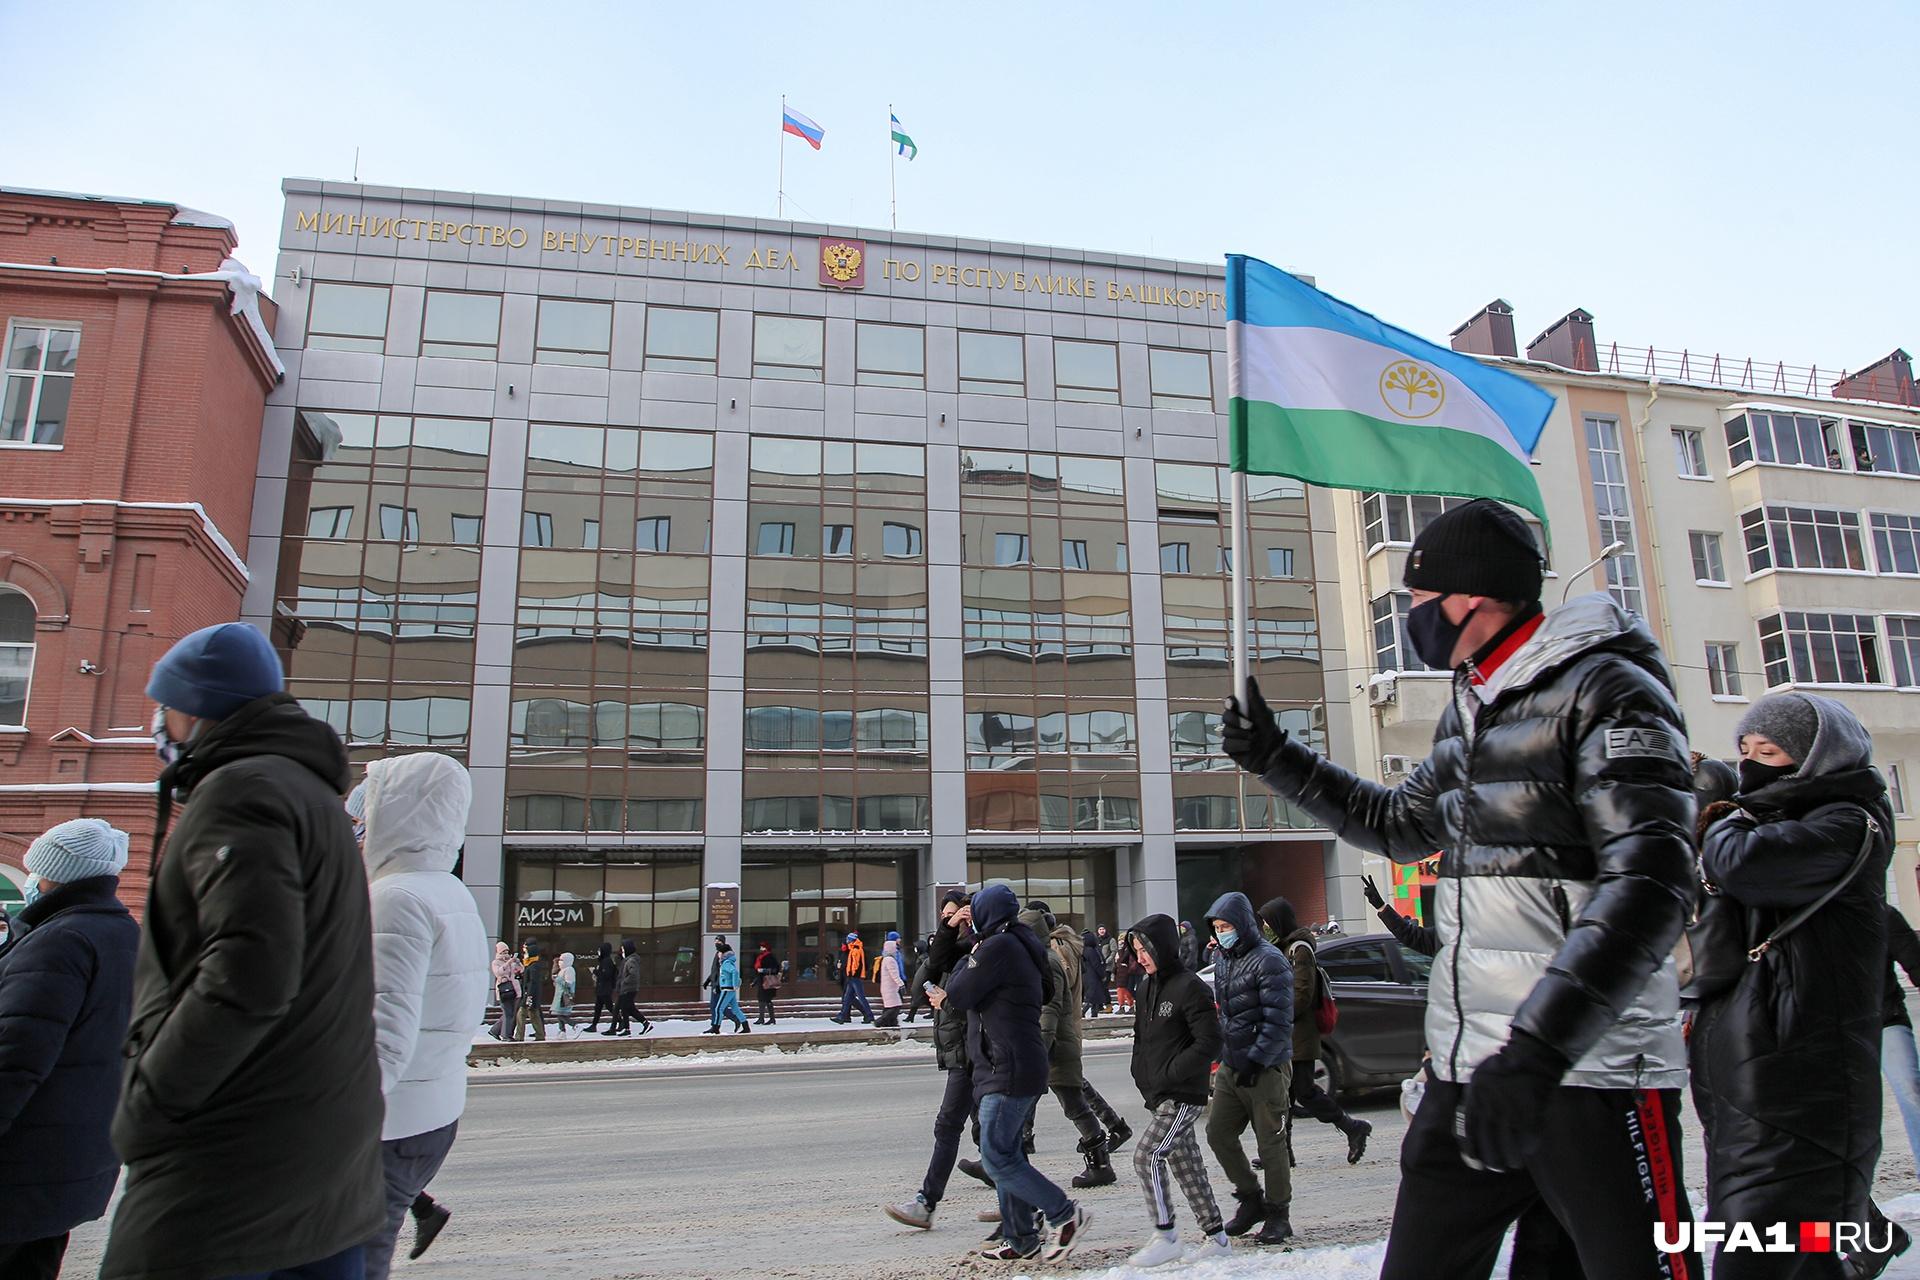 Протестующие, пренебрегая осторожностью, захватили проезжую часть